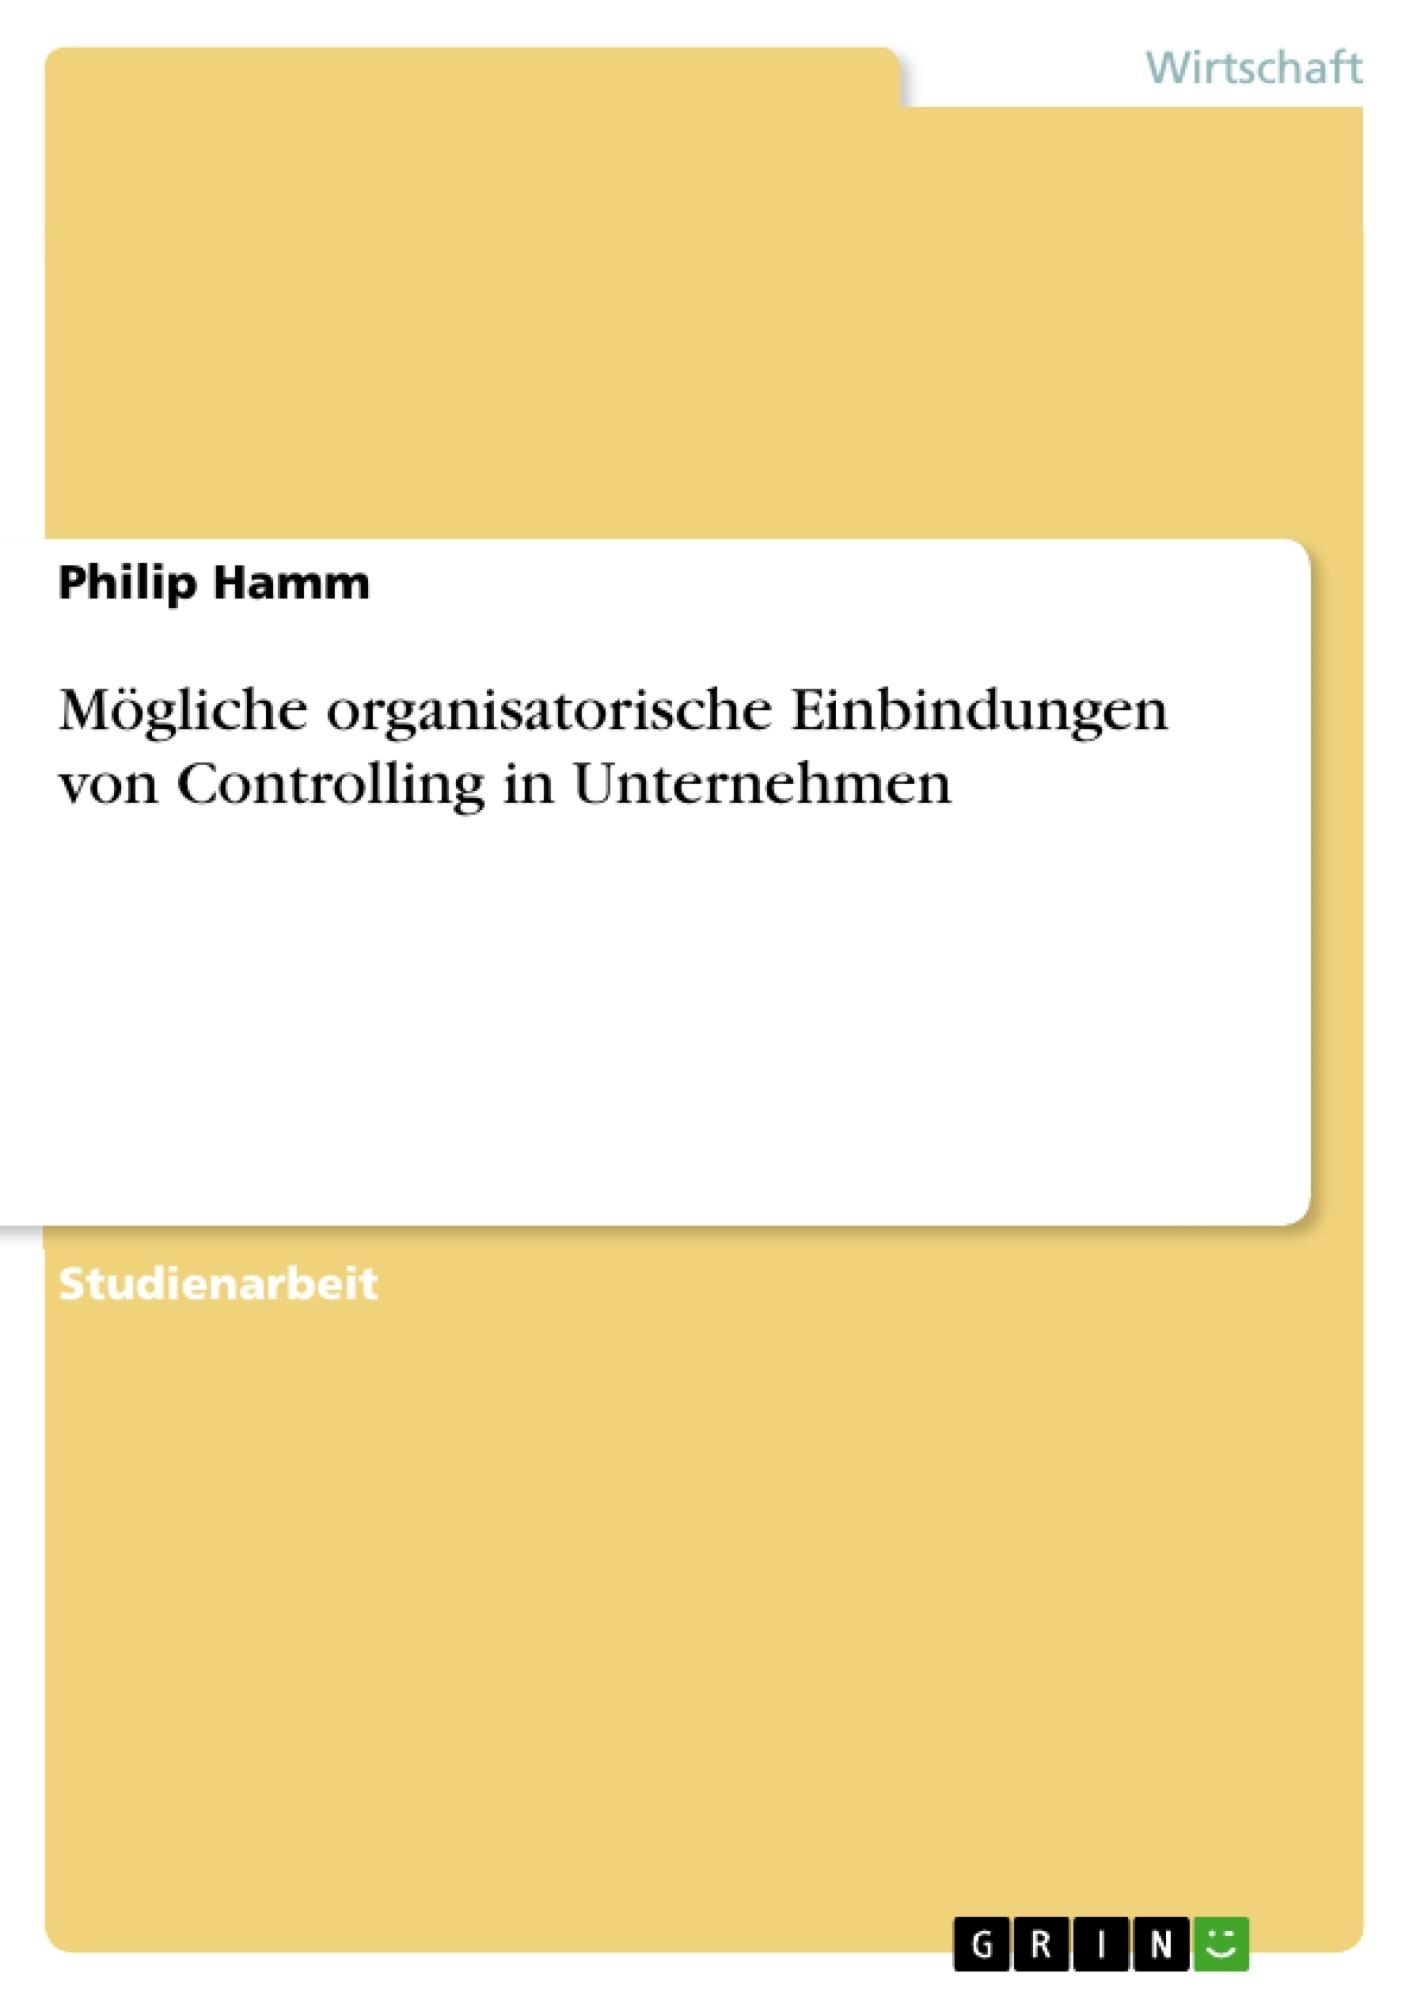 Titel: Mögliche organisatorische Einbindungen von Controlling in Unternehmen